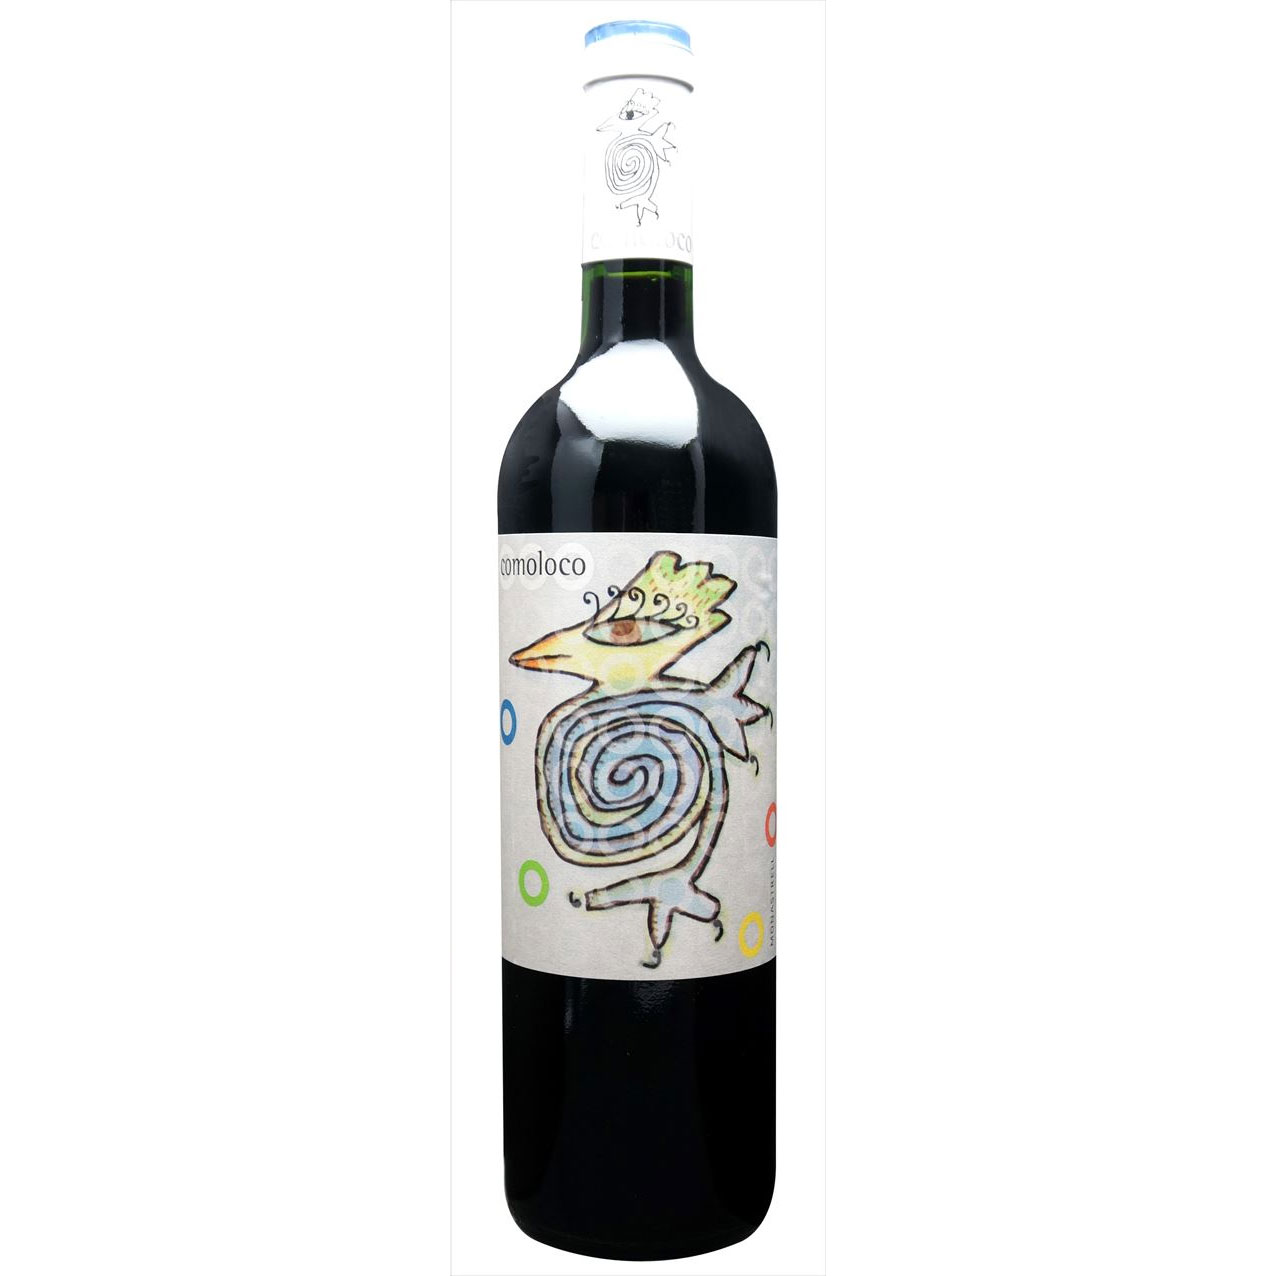 【ラッキーシール対応】母の日 ギフト コモロコ オロワインズ 赤 750ml 12本 スペイン フミーリャ 赤ワイン コンビニ受取対応商品 ヴィンテージ管理しておりません、変わる場合があります